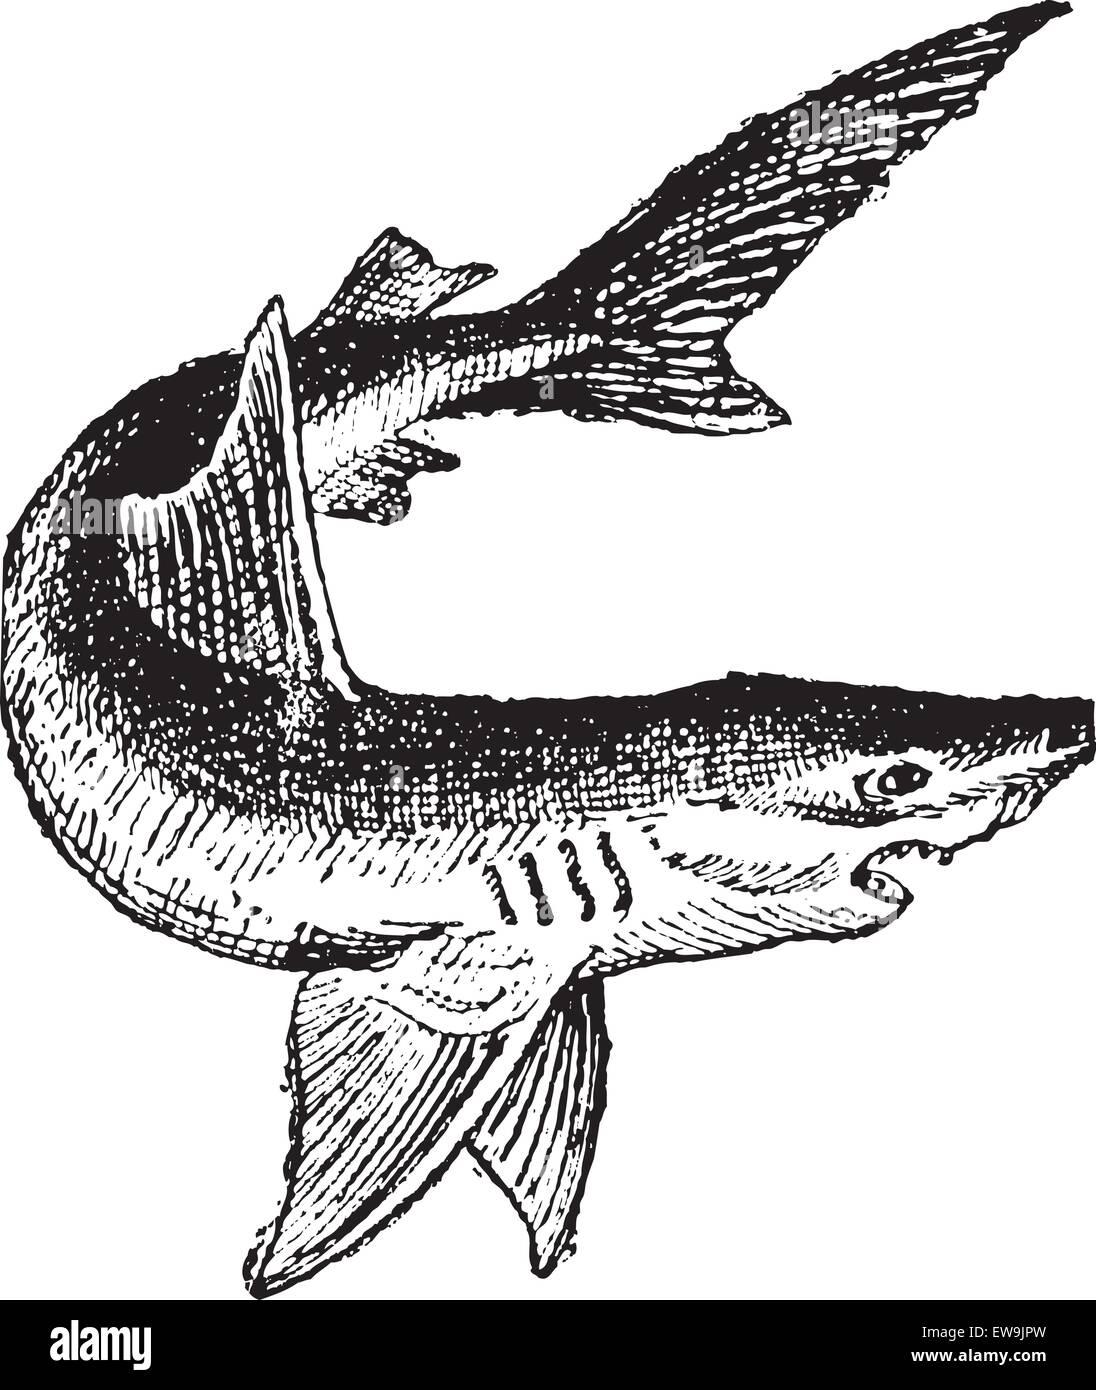 Fish Skeleton White Stockfotos & Fish Skeleton White Bilder - Seite ...